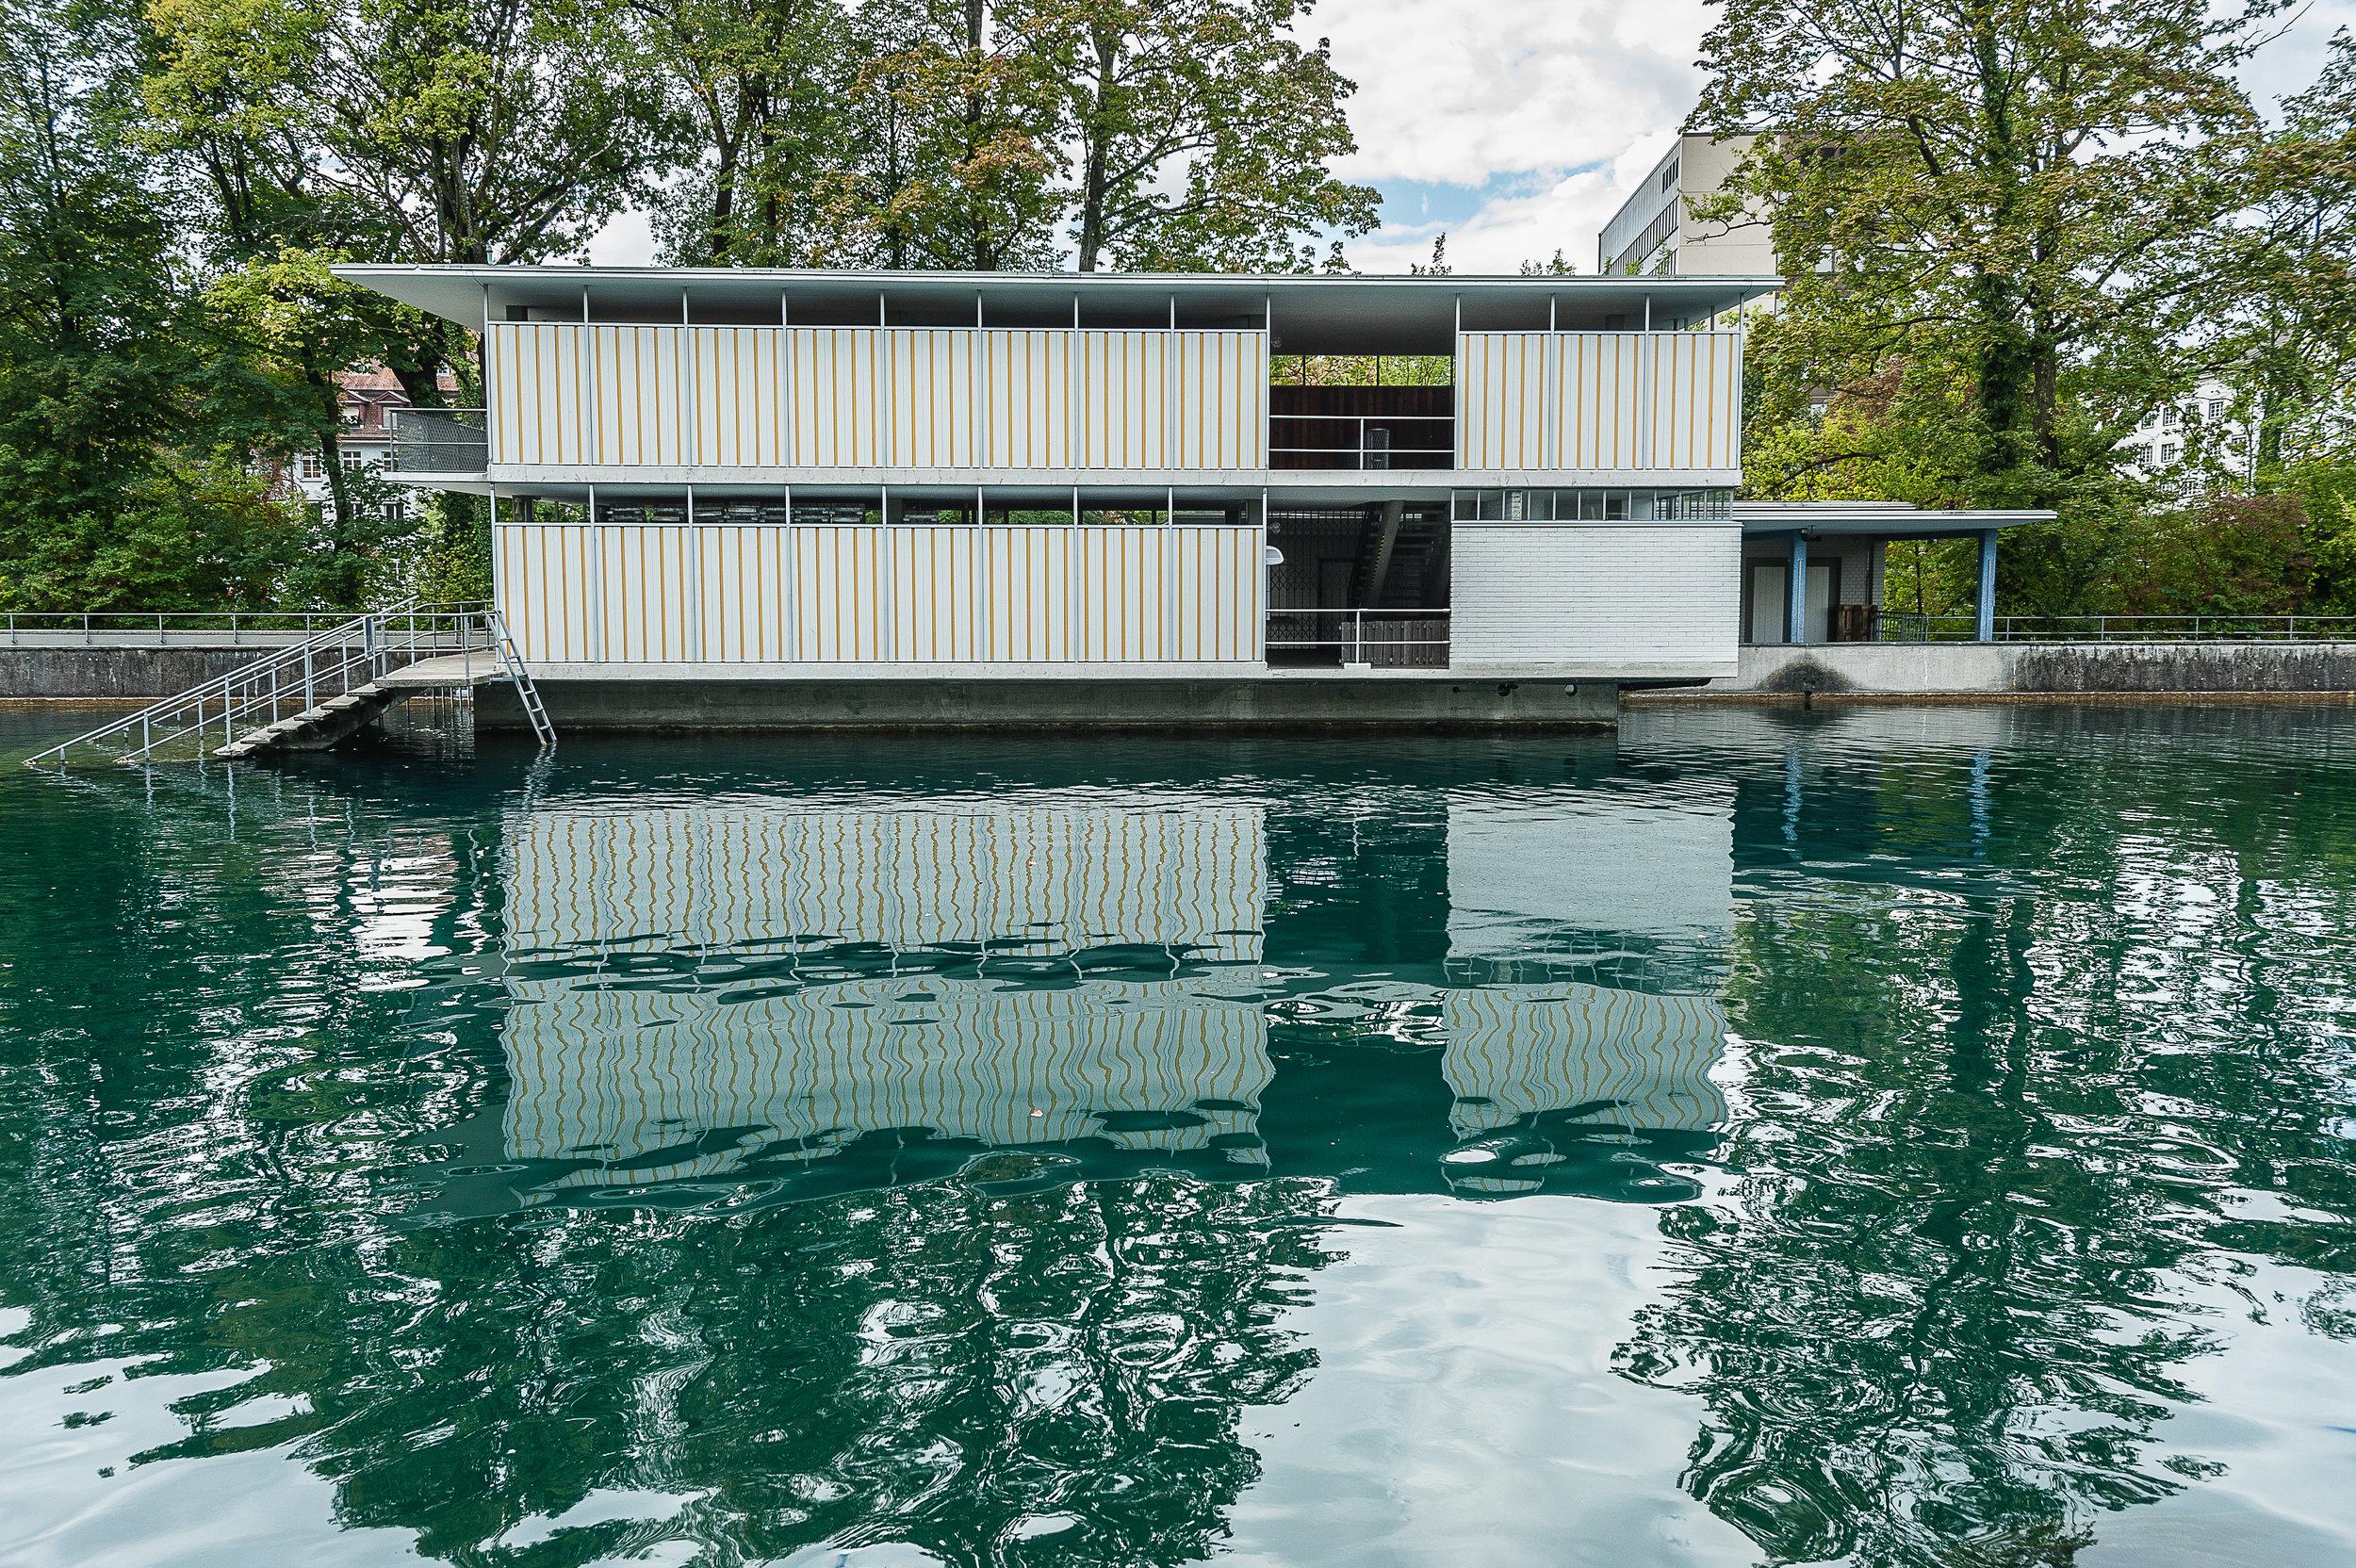 Swimming Bath, Zurich